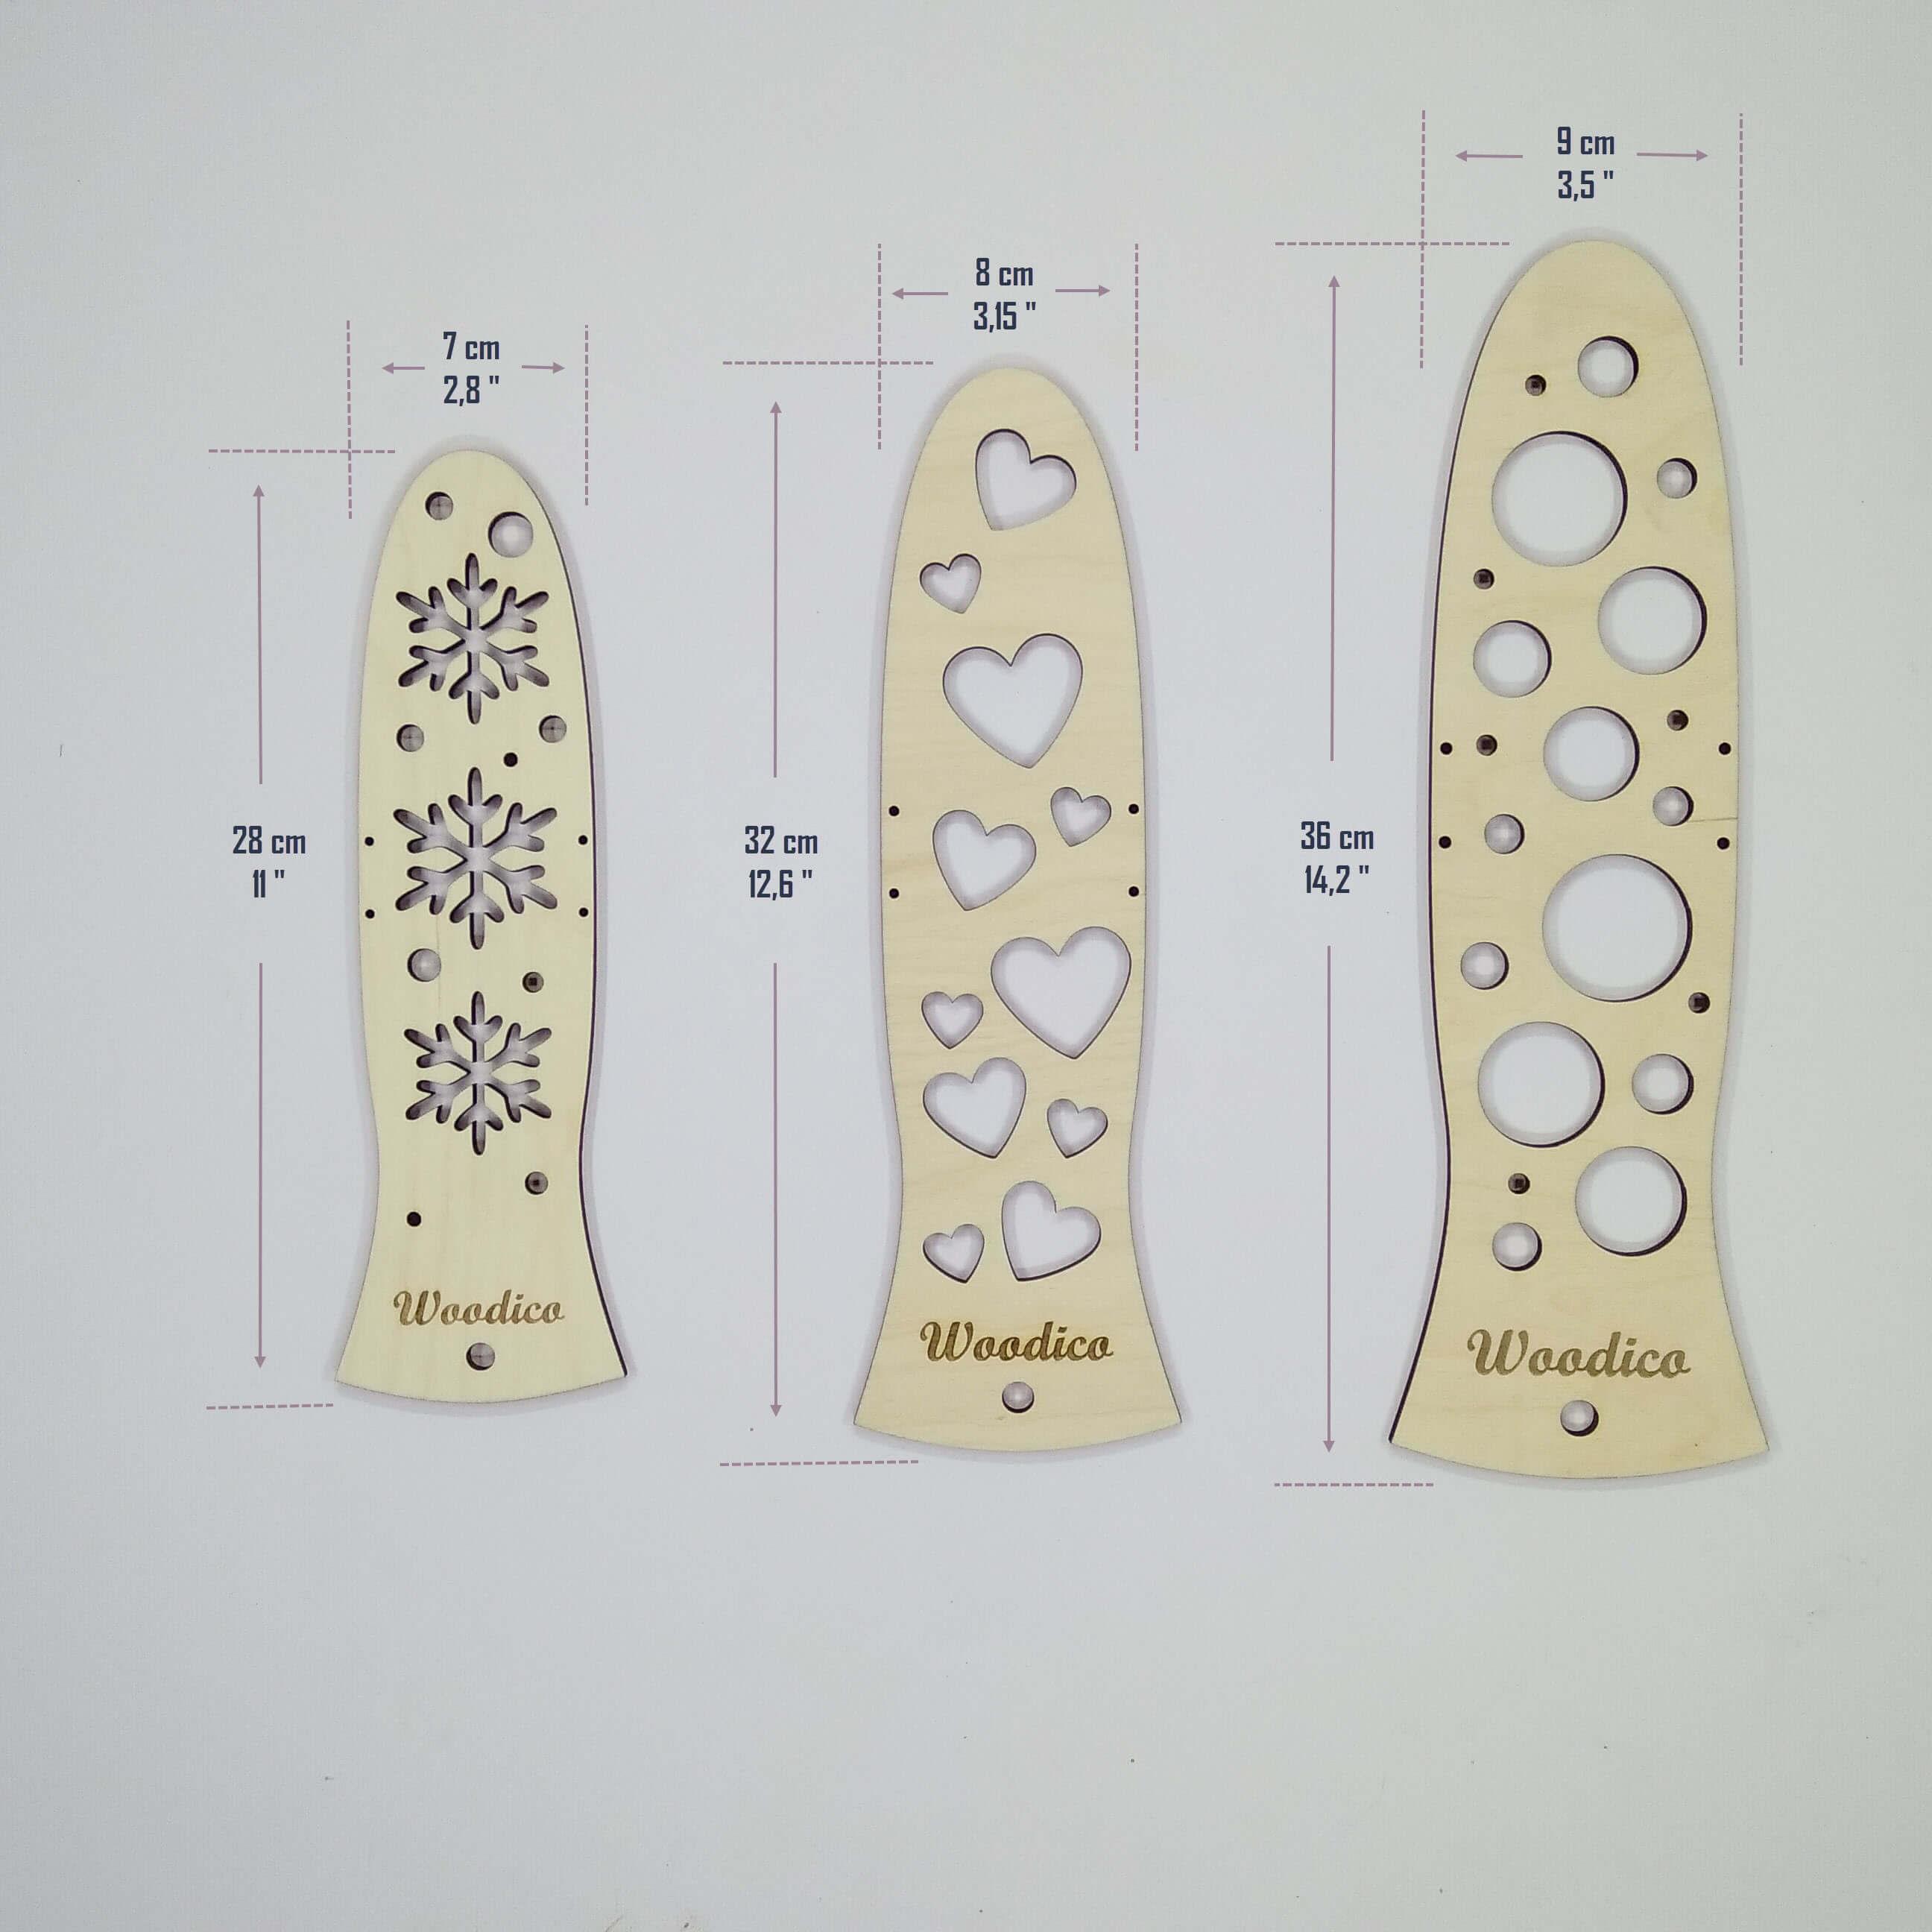 woodico.pro wooden mitten blockers bubbles 2 - F.A.Q.